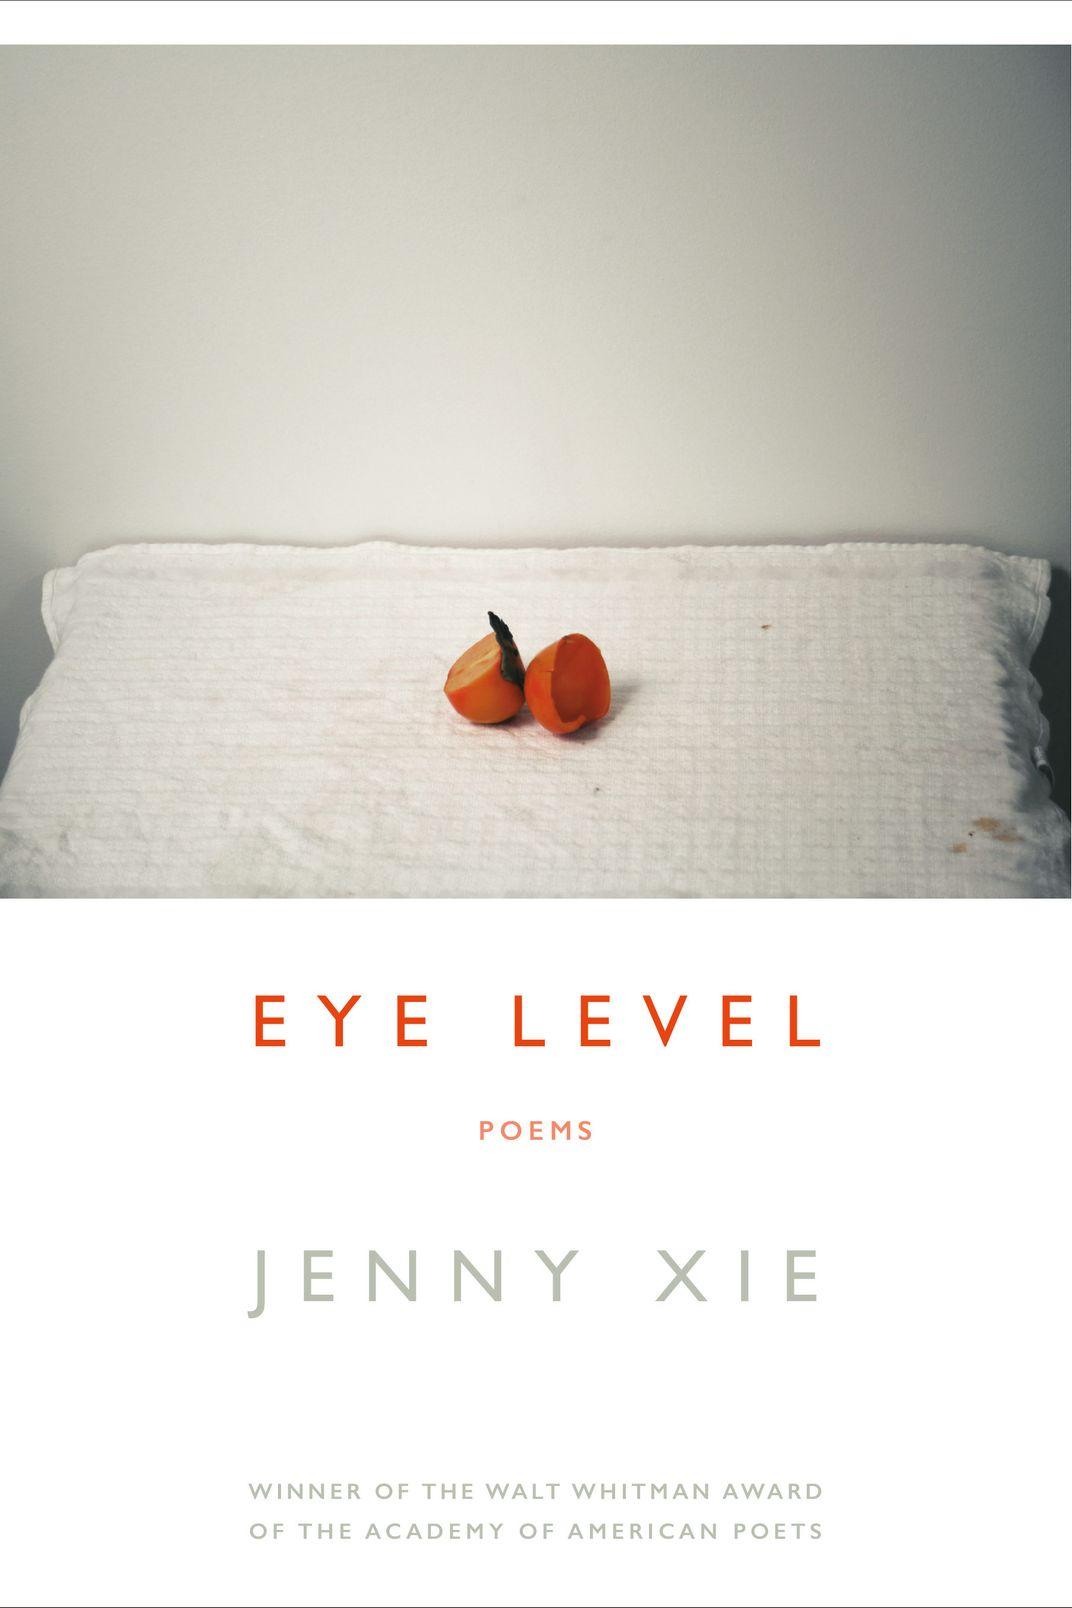 Eye Level, by Jenny Xie (Graywolf Press)